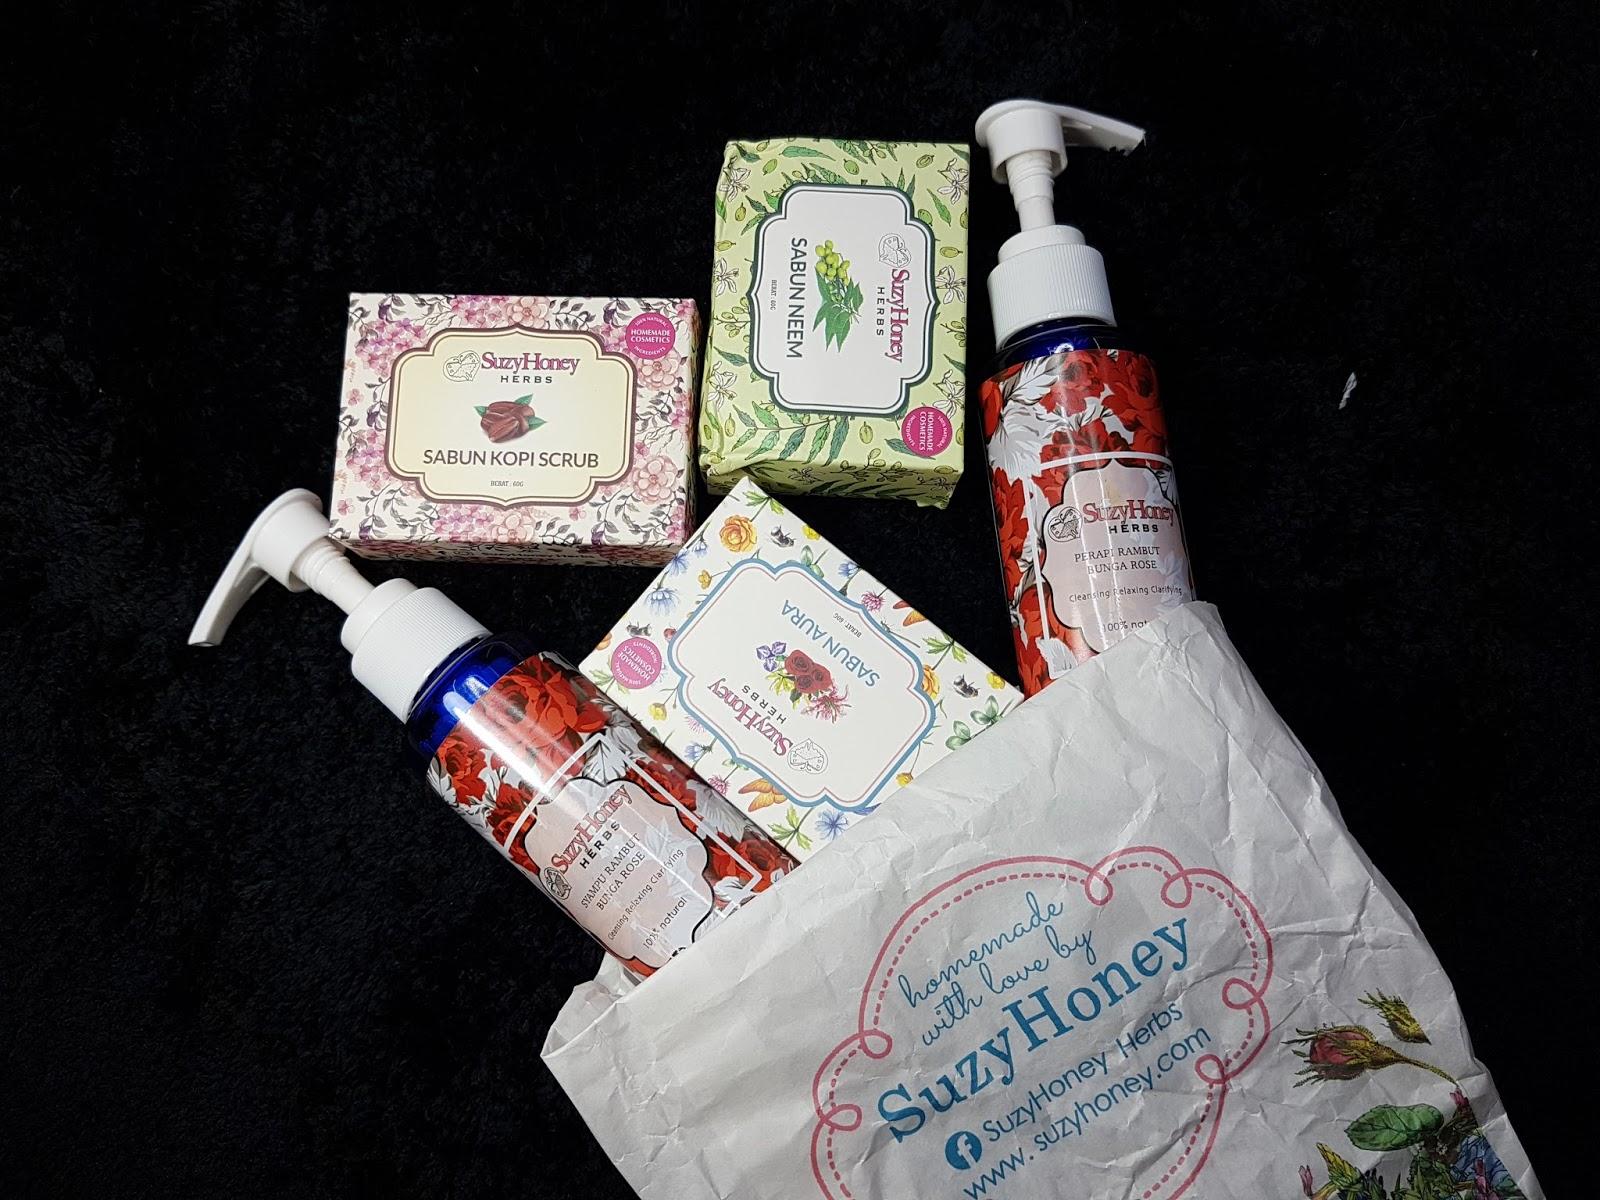 Suzy Honey Herbs Menghasilkan Homemade Cosmetics Dengan 100 Dari Sabun Rose Herbal Kalau Diikutkan Banyak Produk Keluaran Ini Ada Syampu Akar Kayu Masker Set Berpantang Teh Herba Dan Lain Lagi La